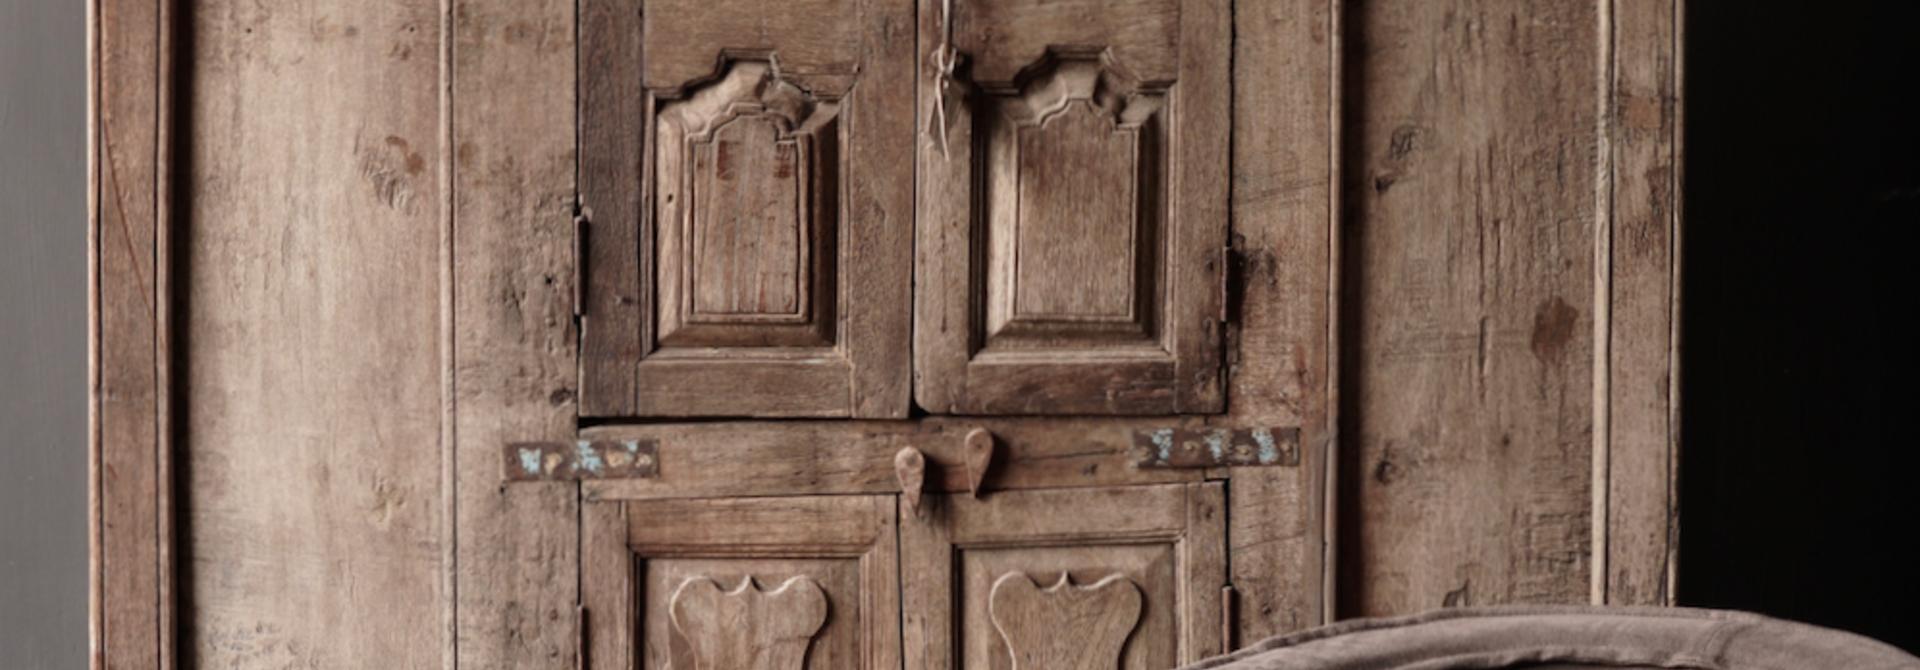 Wunderschöner einzigartiger antiker Old Indies Schrank